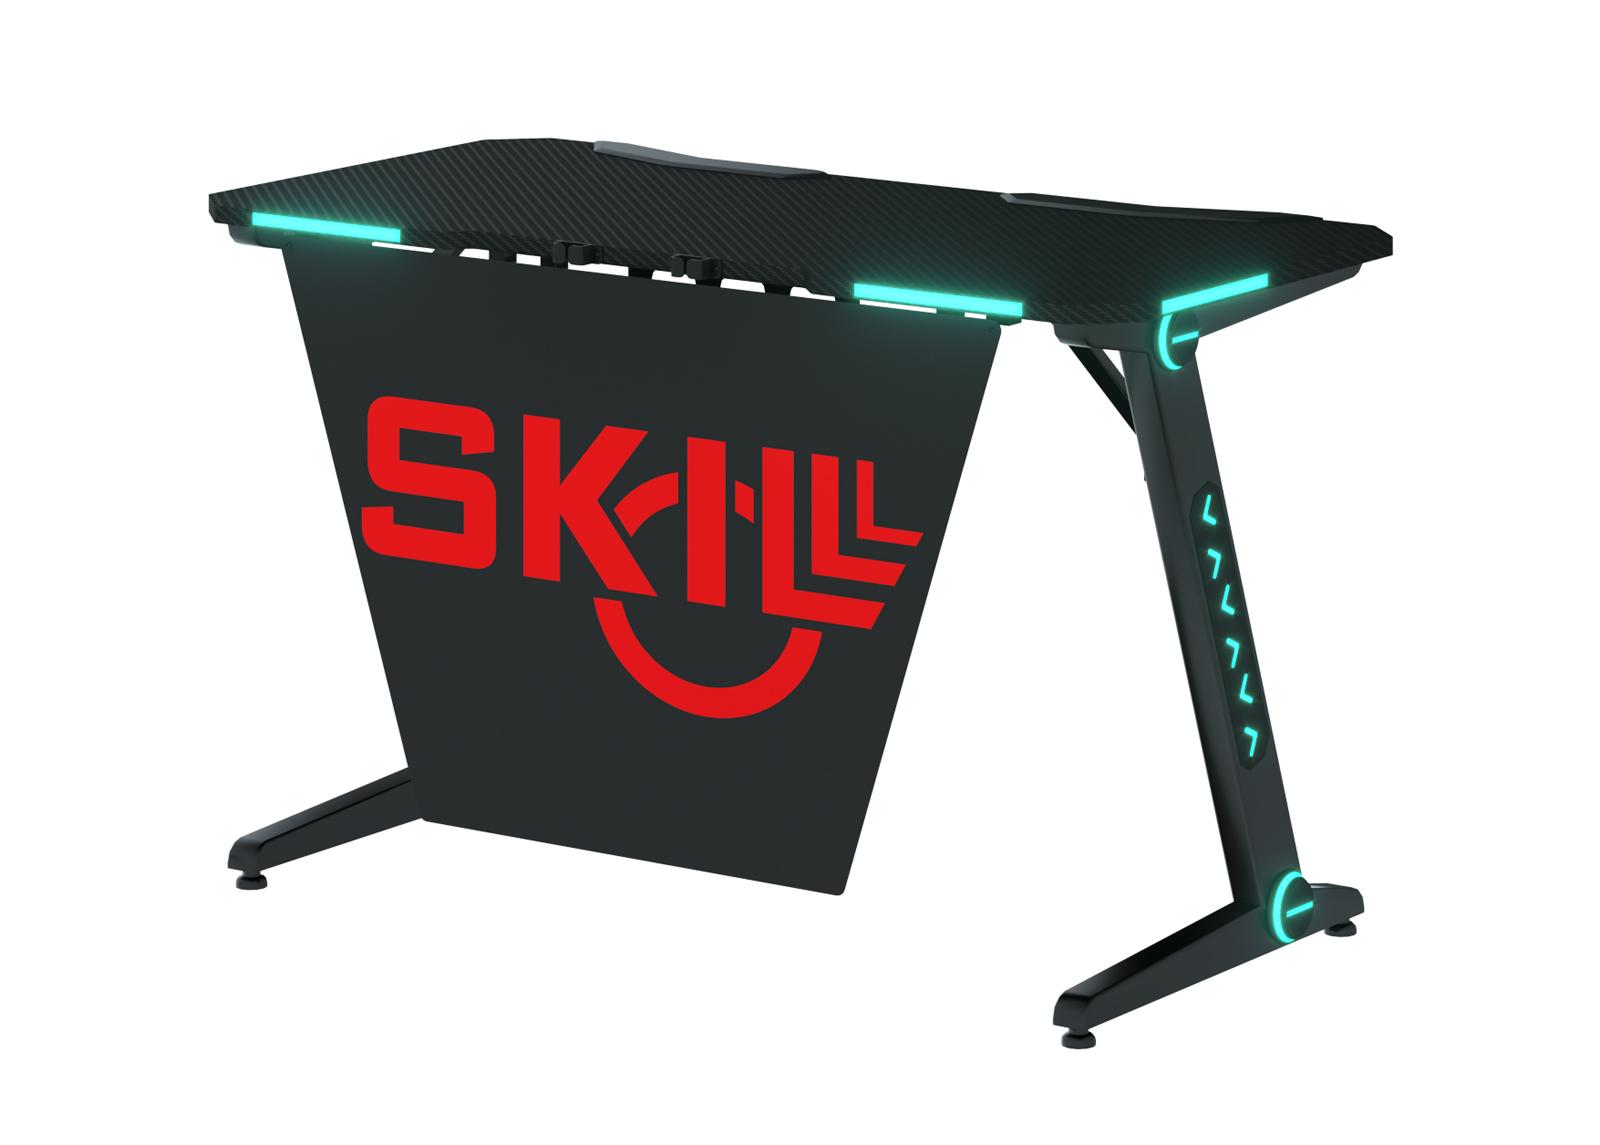 Työpöytä Skill CTG 1260